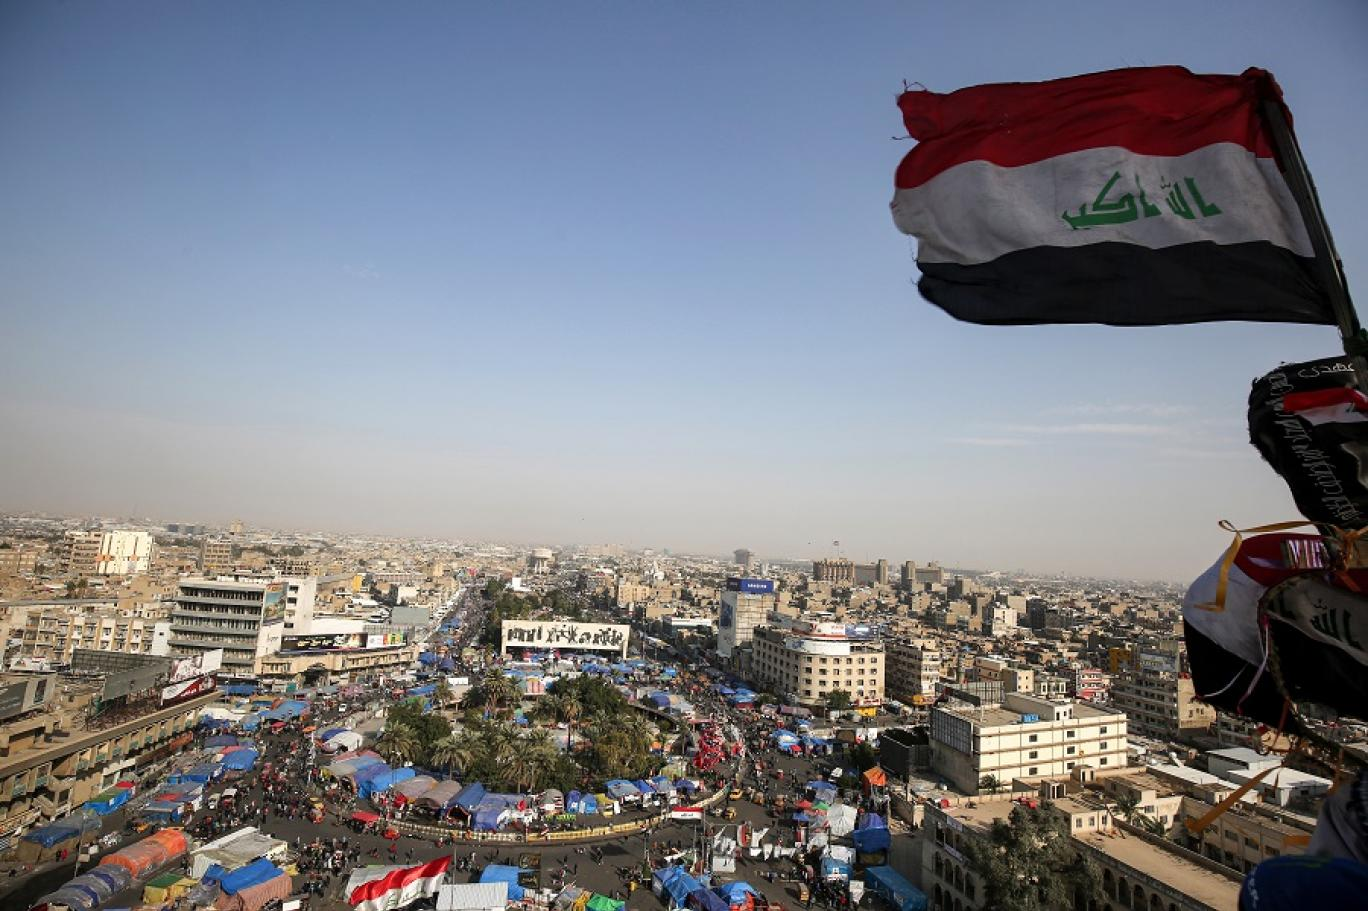 العراق تعتزم بناء 8 مفاعلات نووية بقيمة 40 مليار دولار لتجاوز الأزمة الكبيرة قبل الورطة